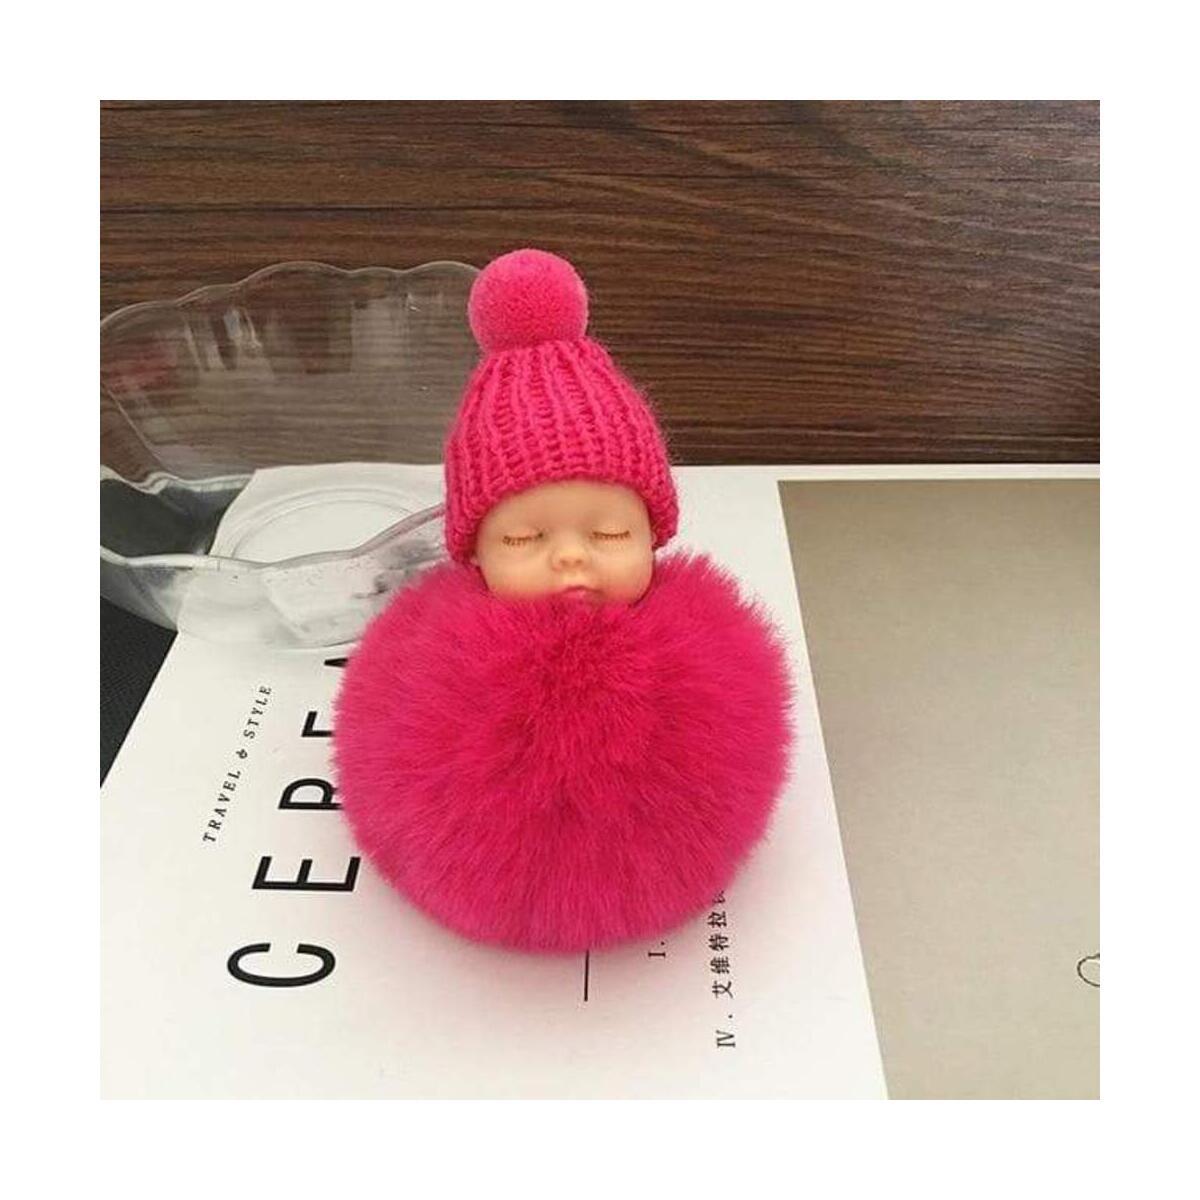 Sleeping Baby Doll Keychain Fur Fluffy Pompom Bags Charm Pendant